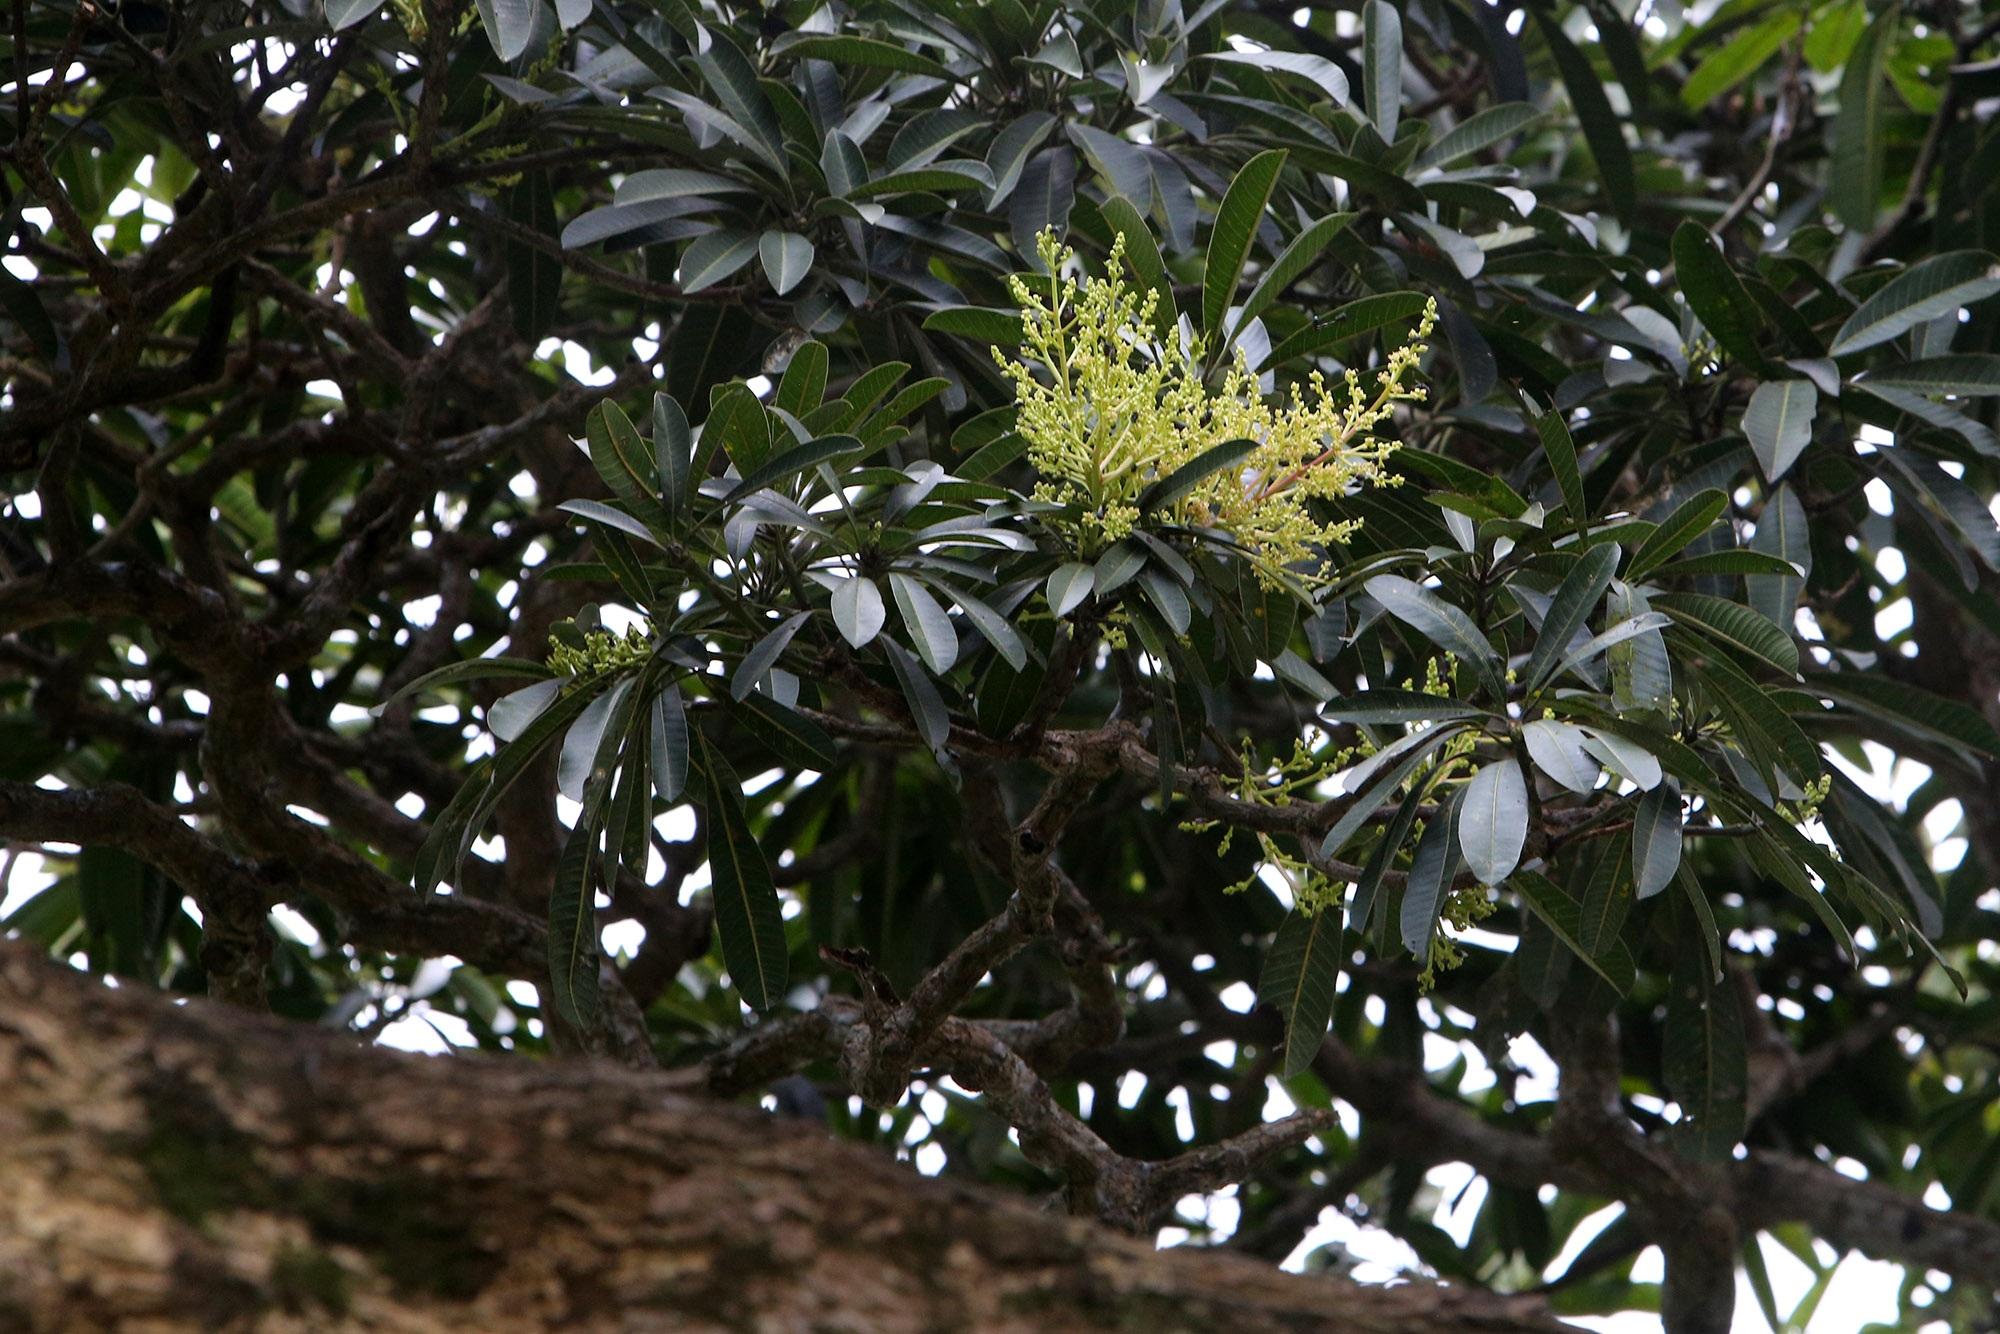 Hà Nội: Cây trôi cô đơn nghìn năm tuổi, báu vật của làng Bình Đà - 10